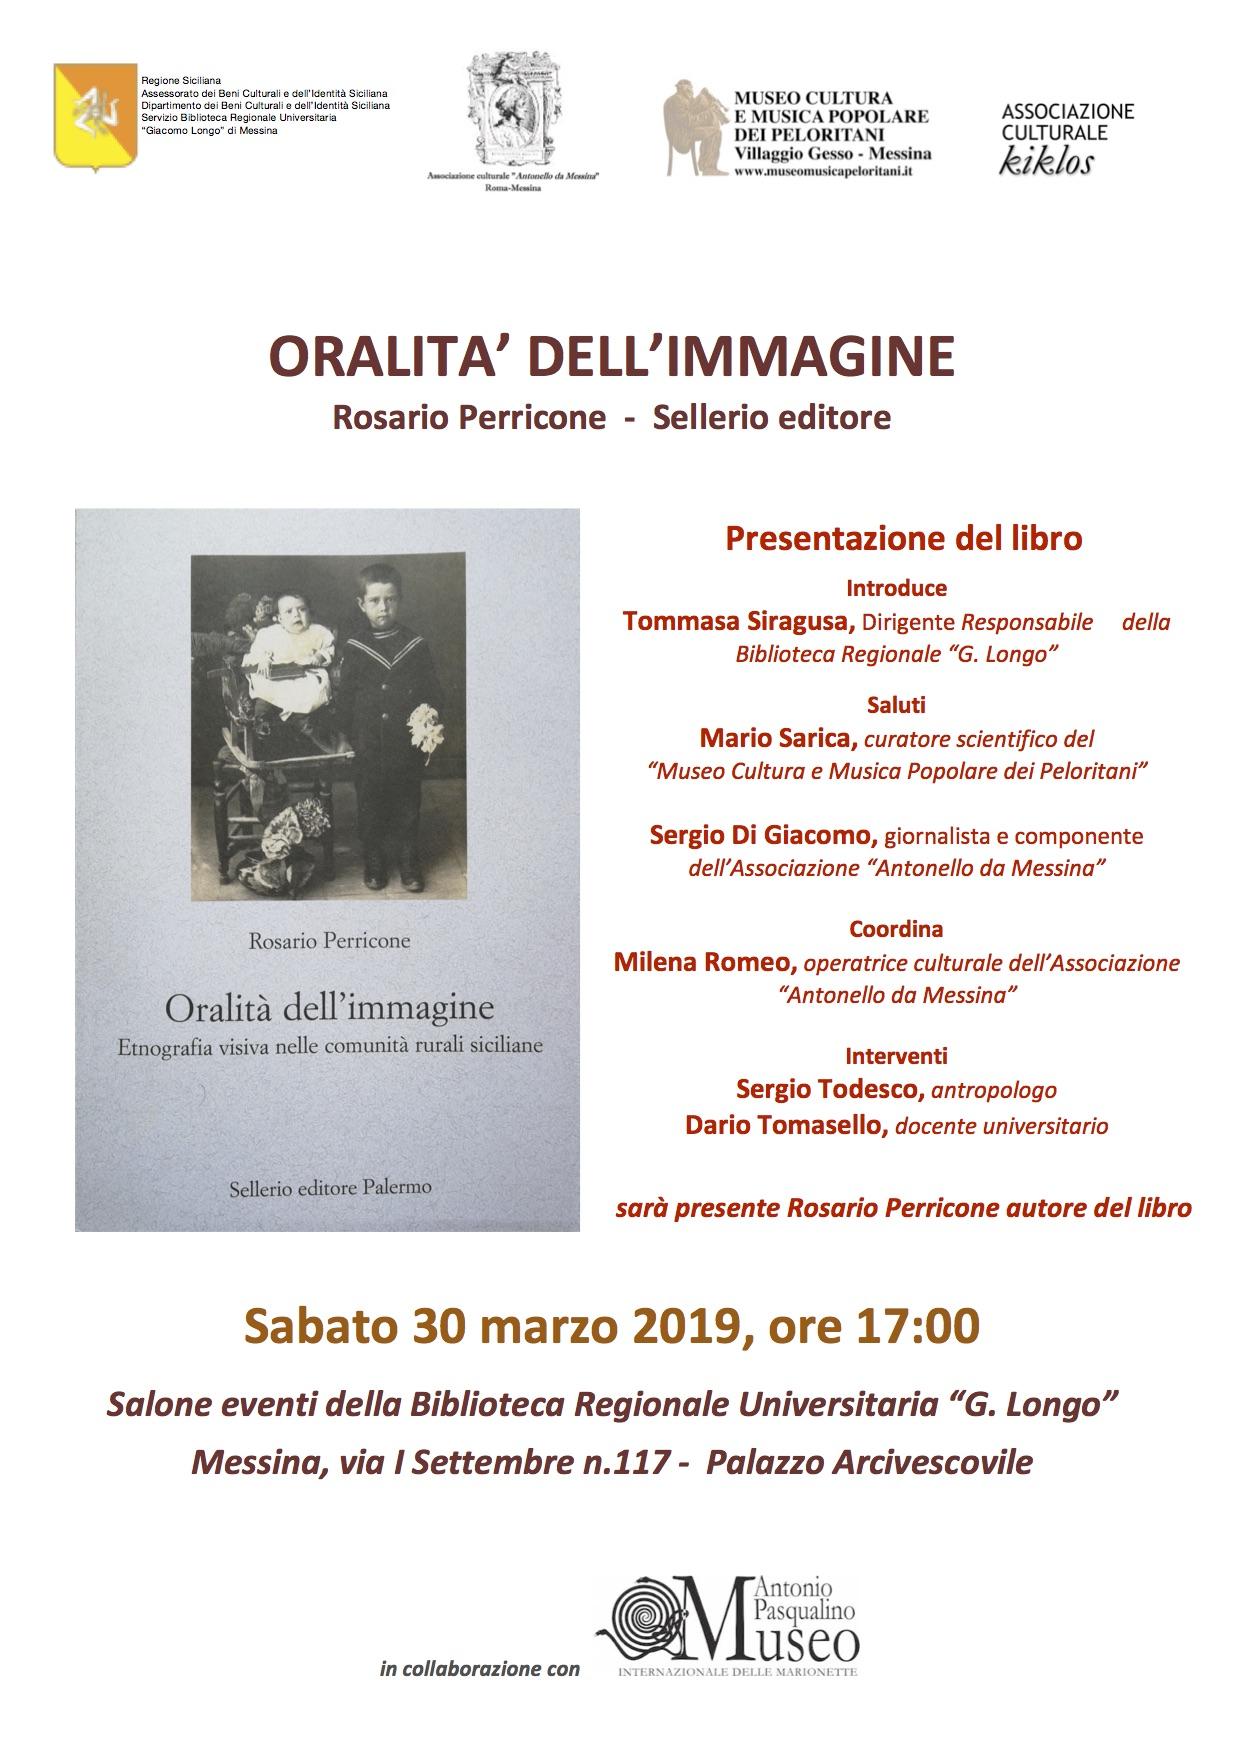 2019_Oralita_dellimmagine_a_Messina.jpg - 388.04 kB